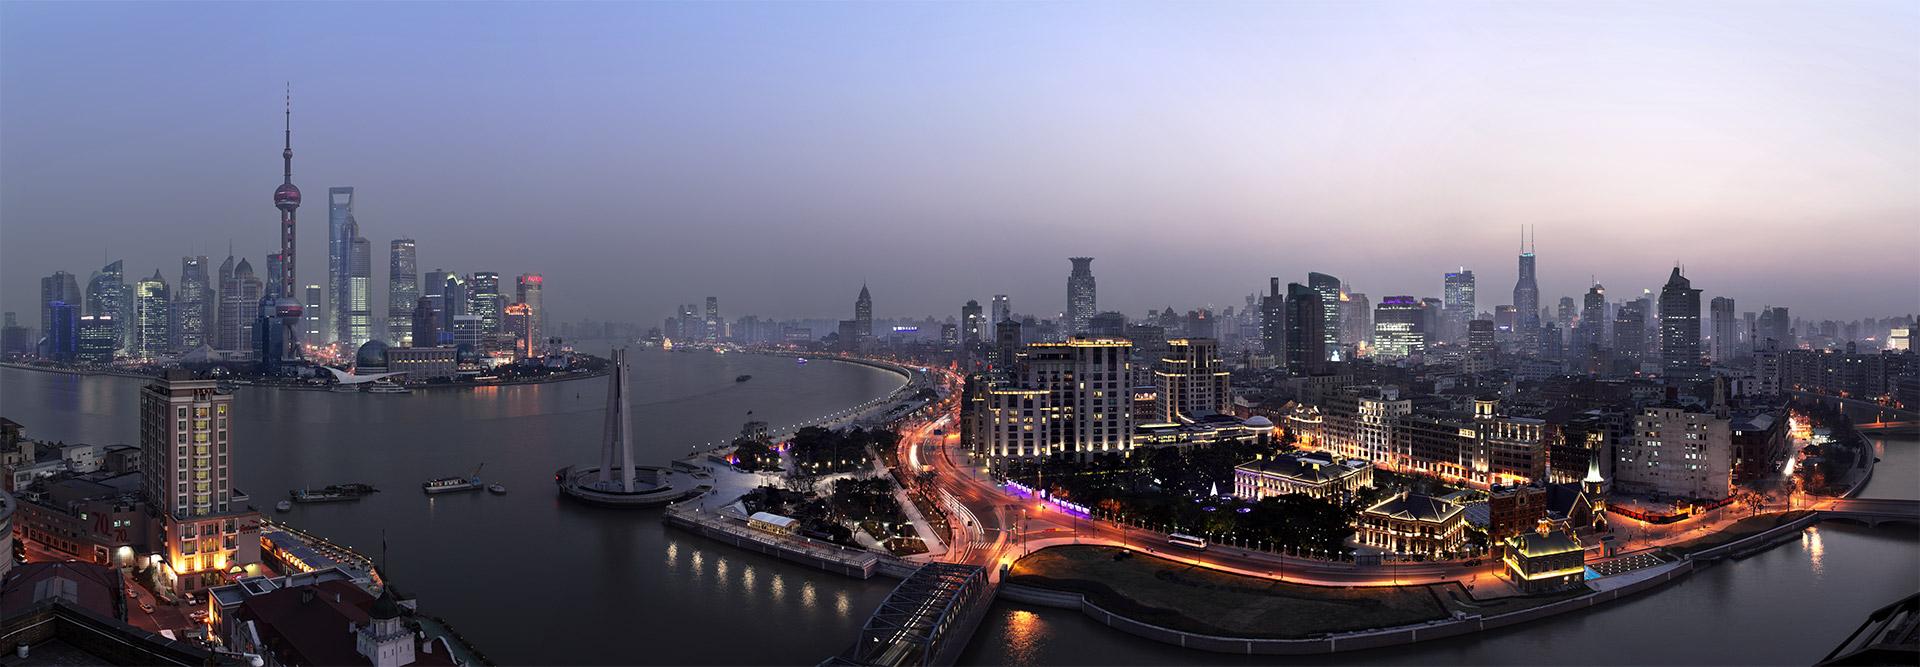 Shanghai_Panorama_night